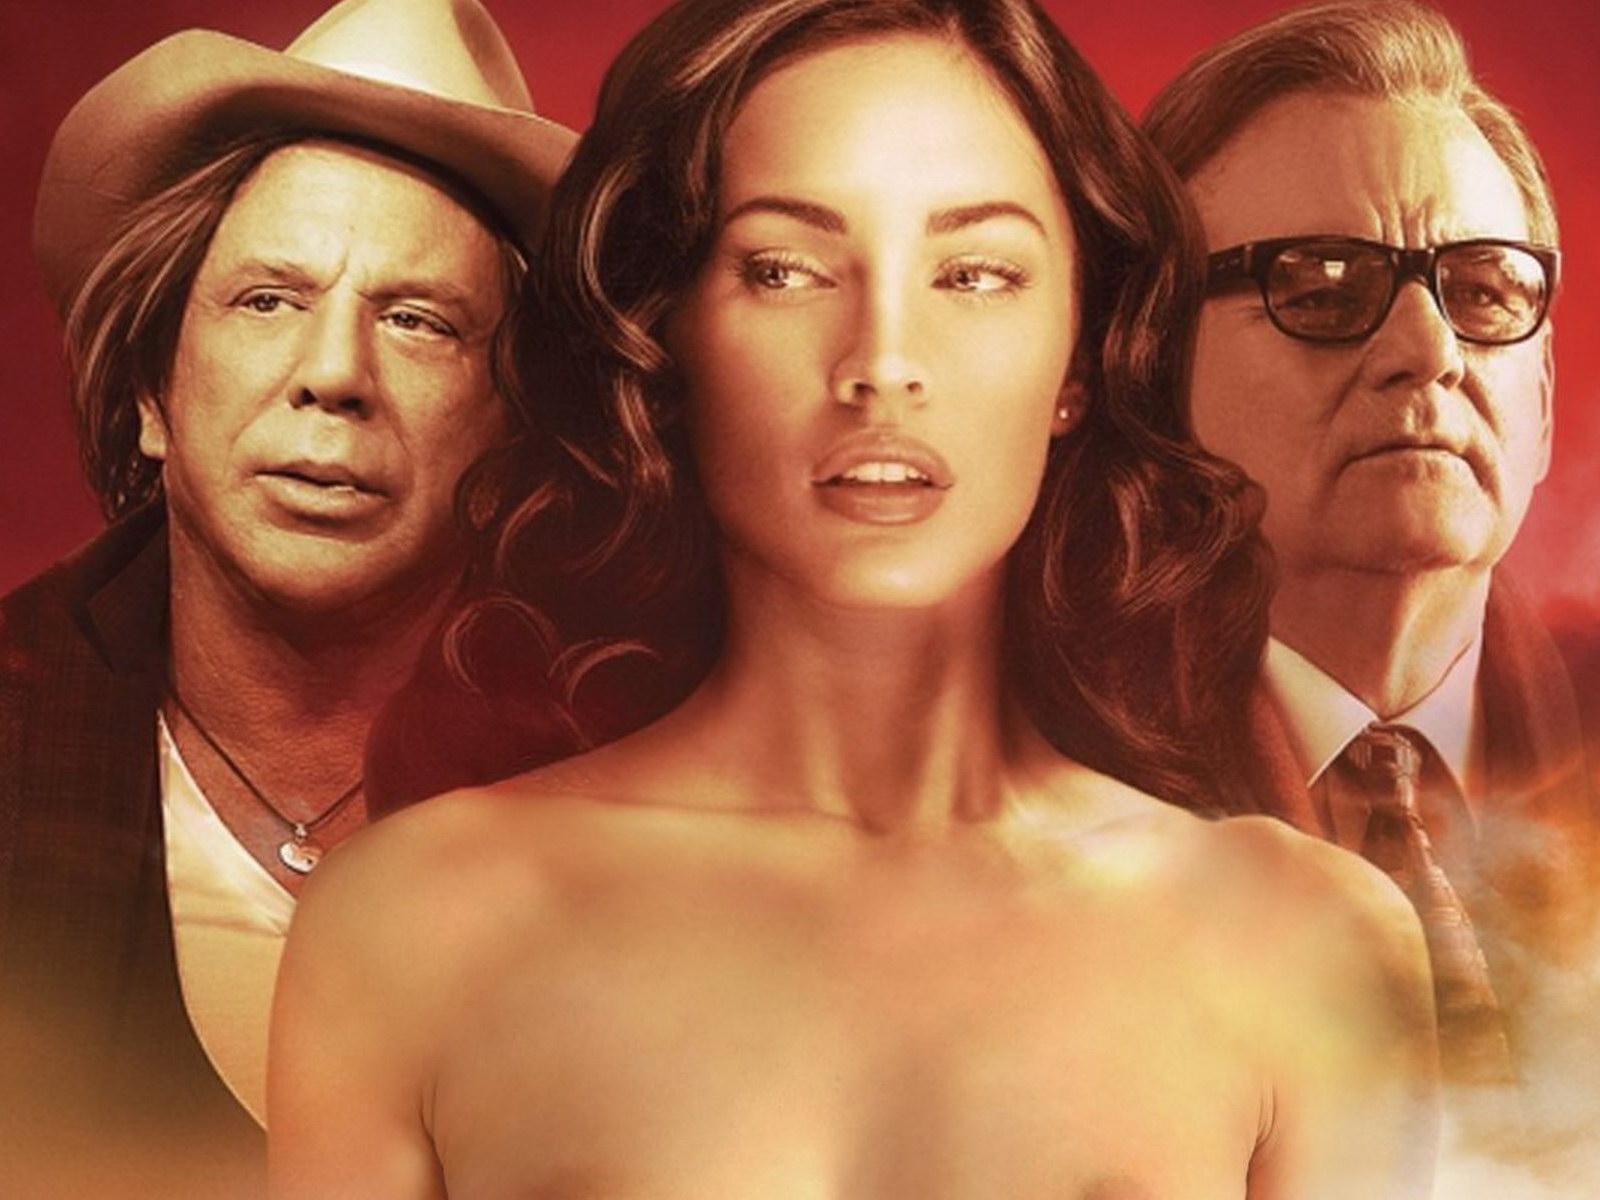 http://4.bp.blogspot.com/-vQPH6RQZJ4w/T40r_J-q6II/AAAAAAAAAXU/M_ywSQPXzkU/s1600/Megan+Fox+topless+on+Passion+Play+uncensored+version+cover.jpg